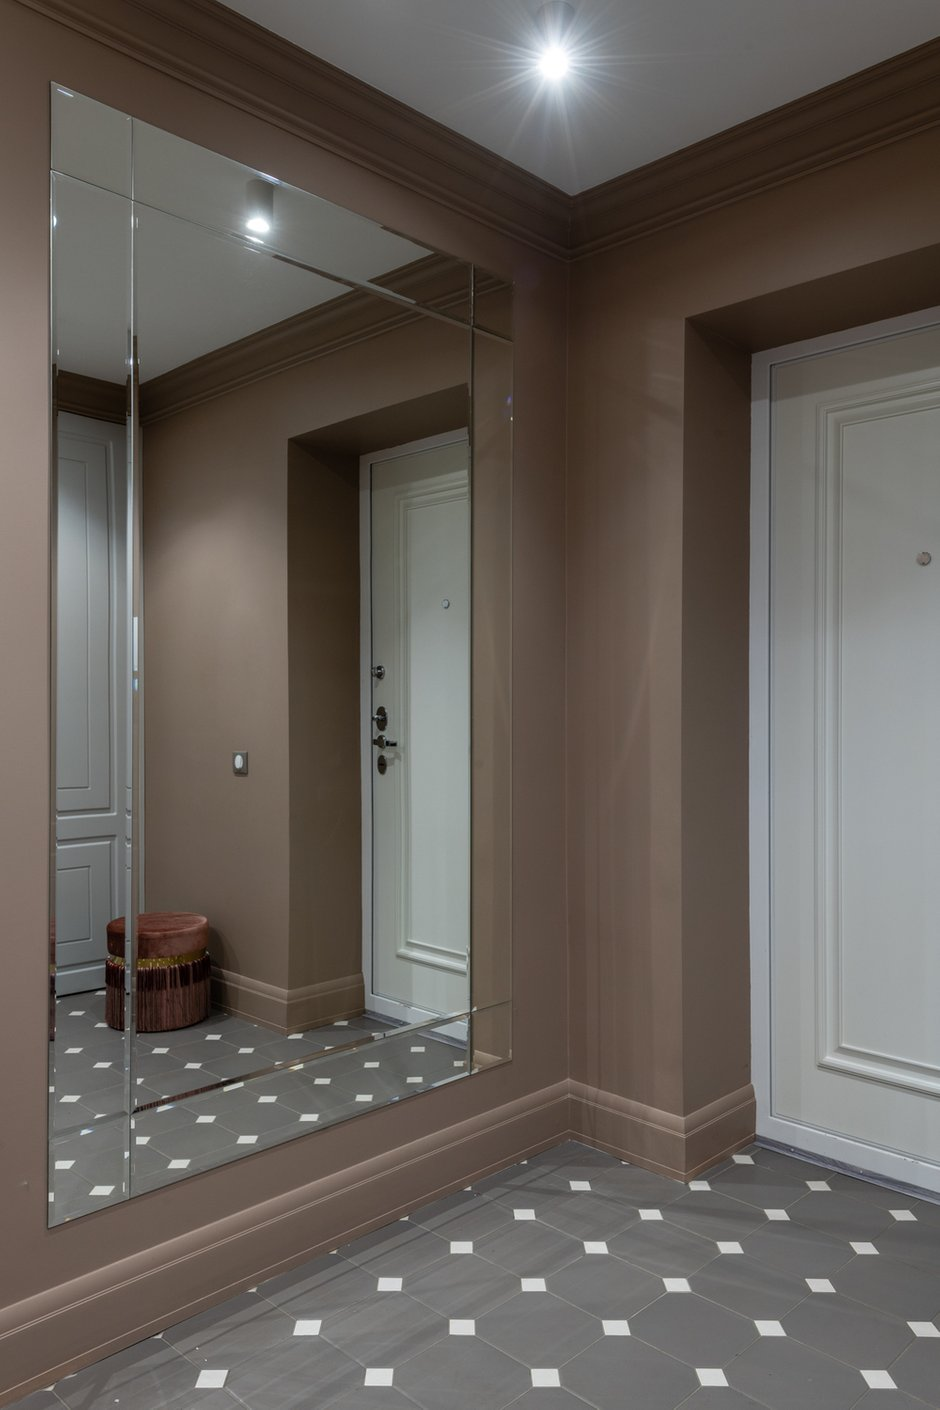 Фотография: Прихожая в стиле Современный, Квартира, Проект недели, Москва, 2 комнаты, 40-60 метров, Анна Моджаро – фото на INMYROOM